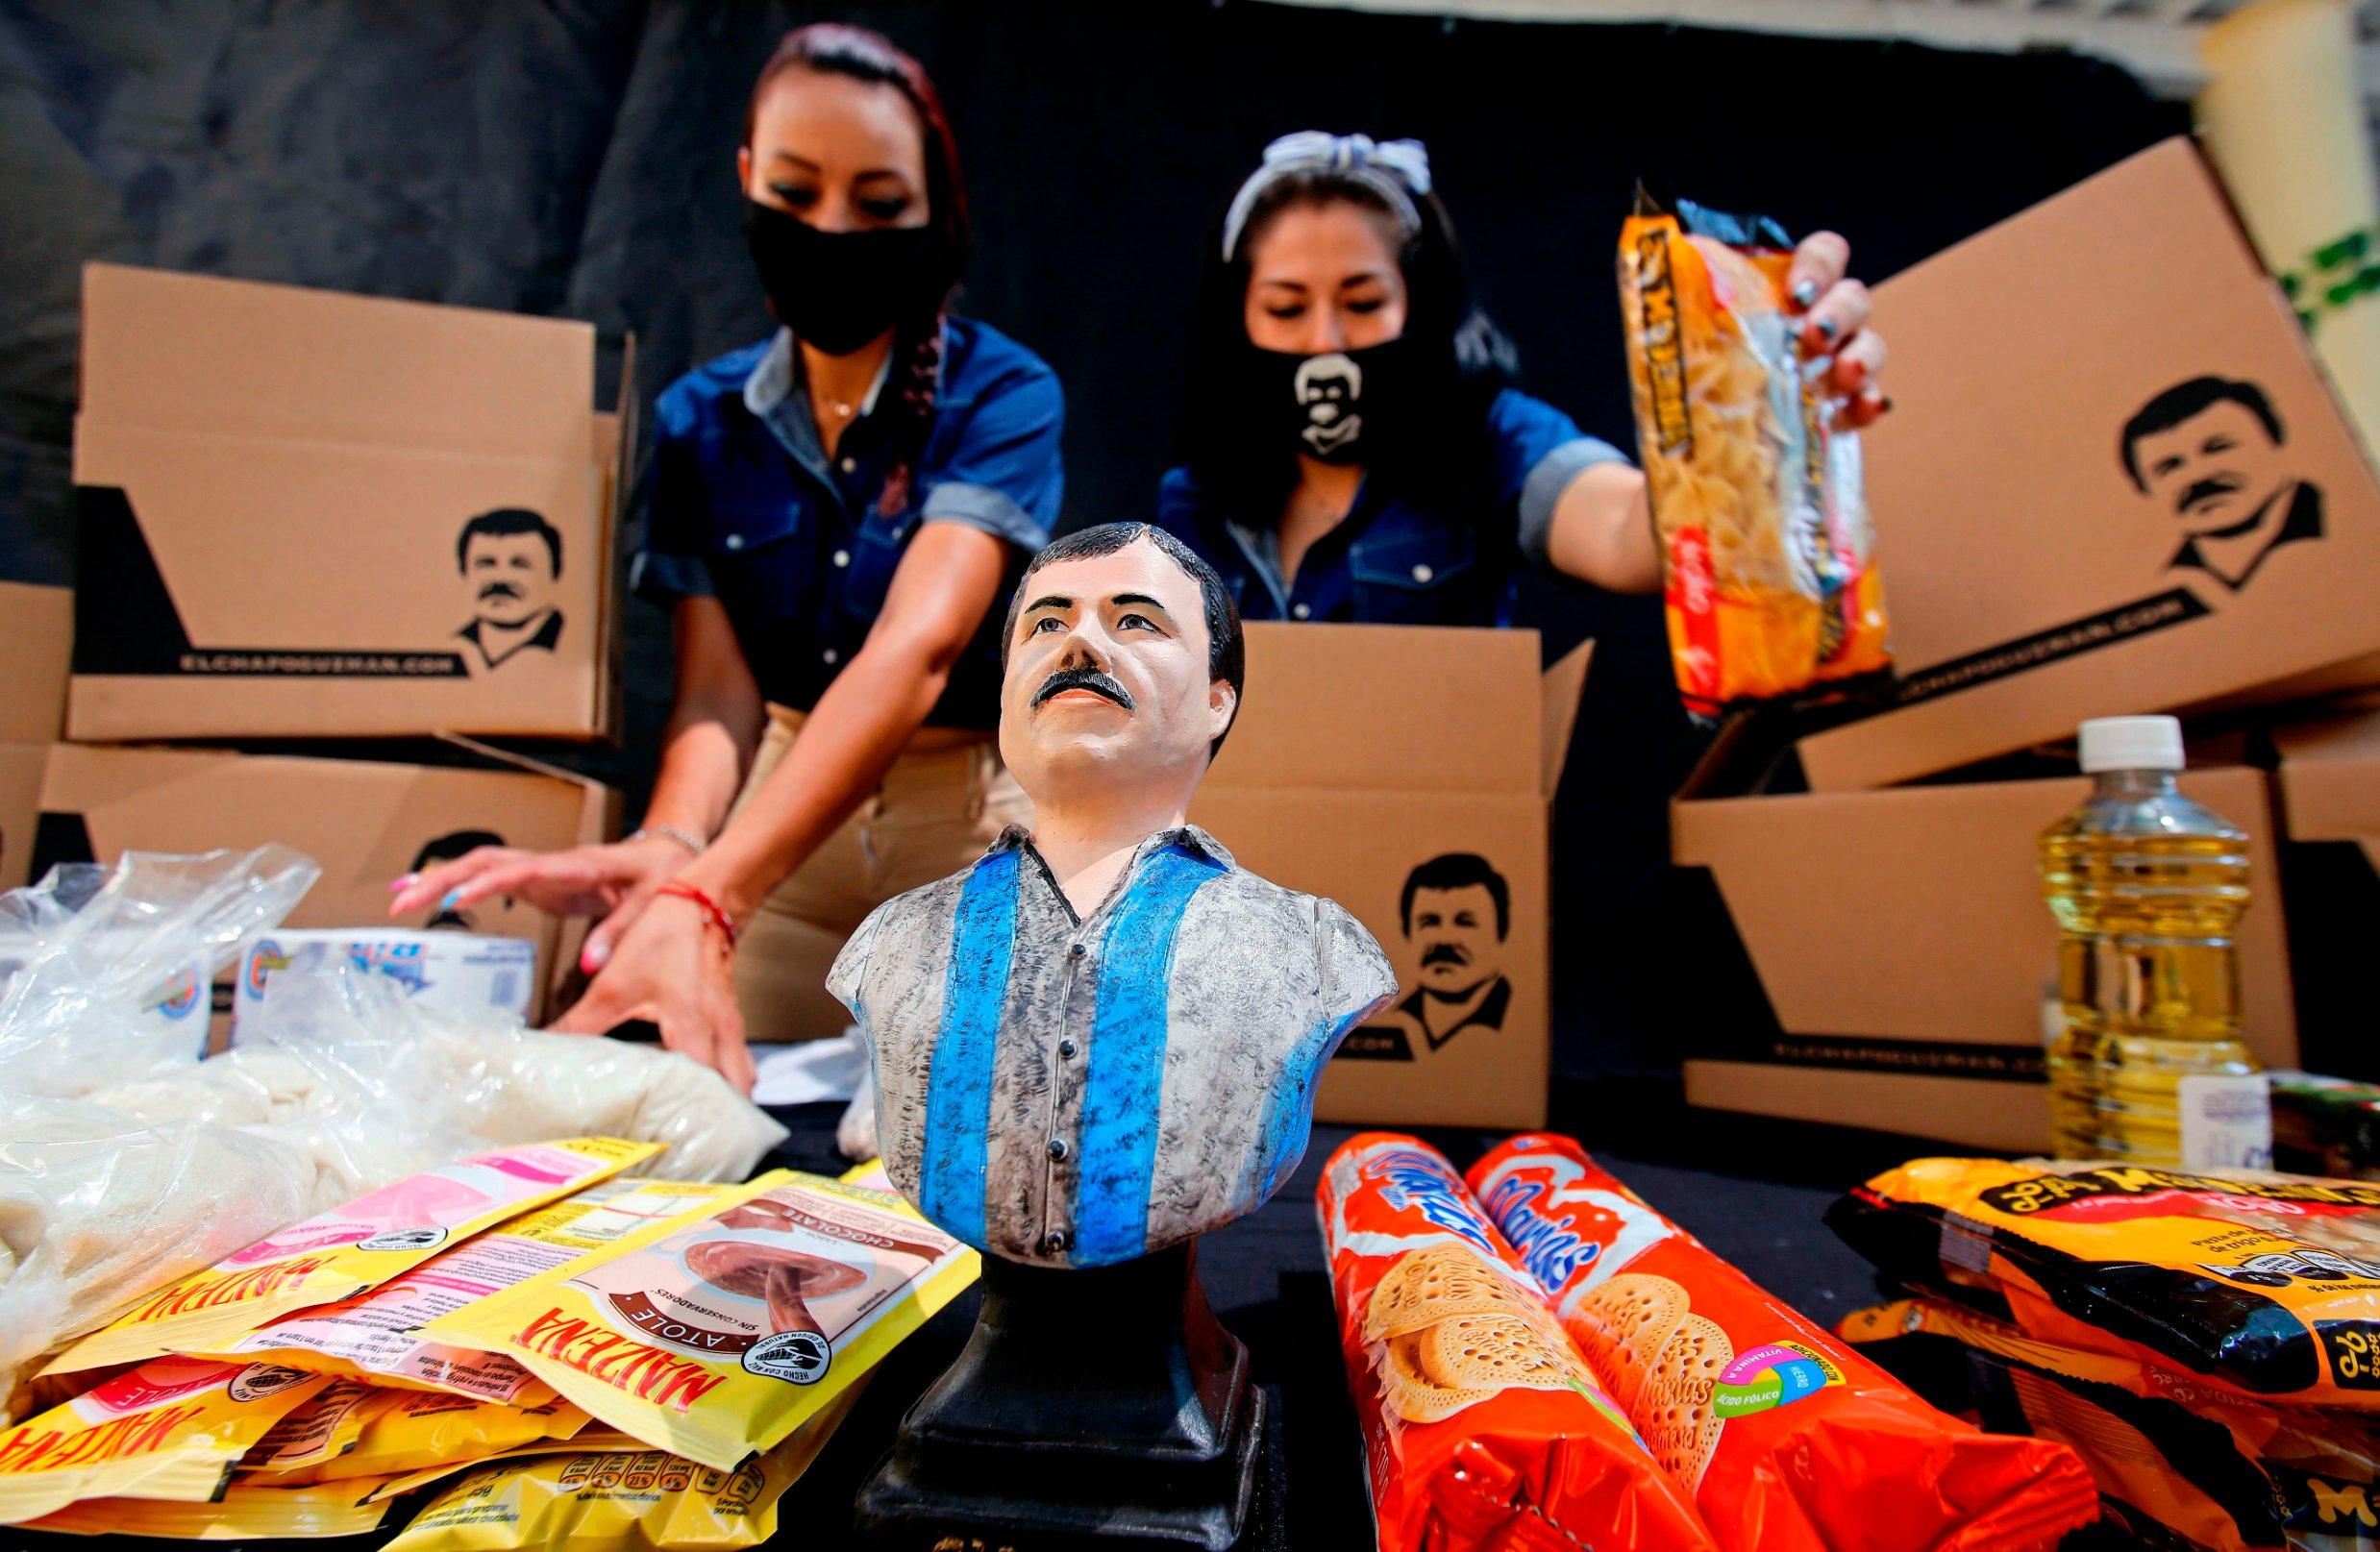 Zaposlenici tvrtke Alejandrine Guzman, kćeri narkolorda Joaqina El Chapa Guzmana, dijele pakete pomoći s likom vođe narko kartela